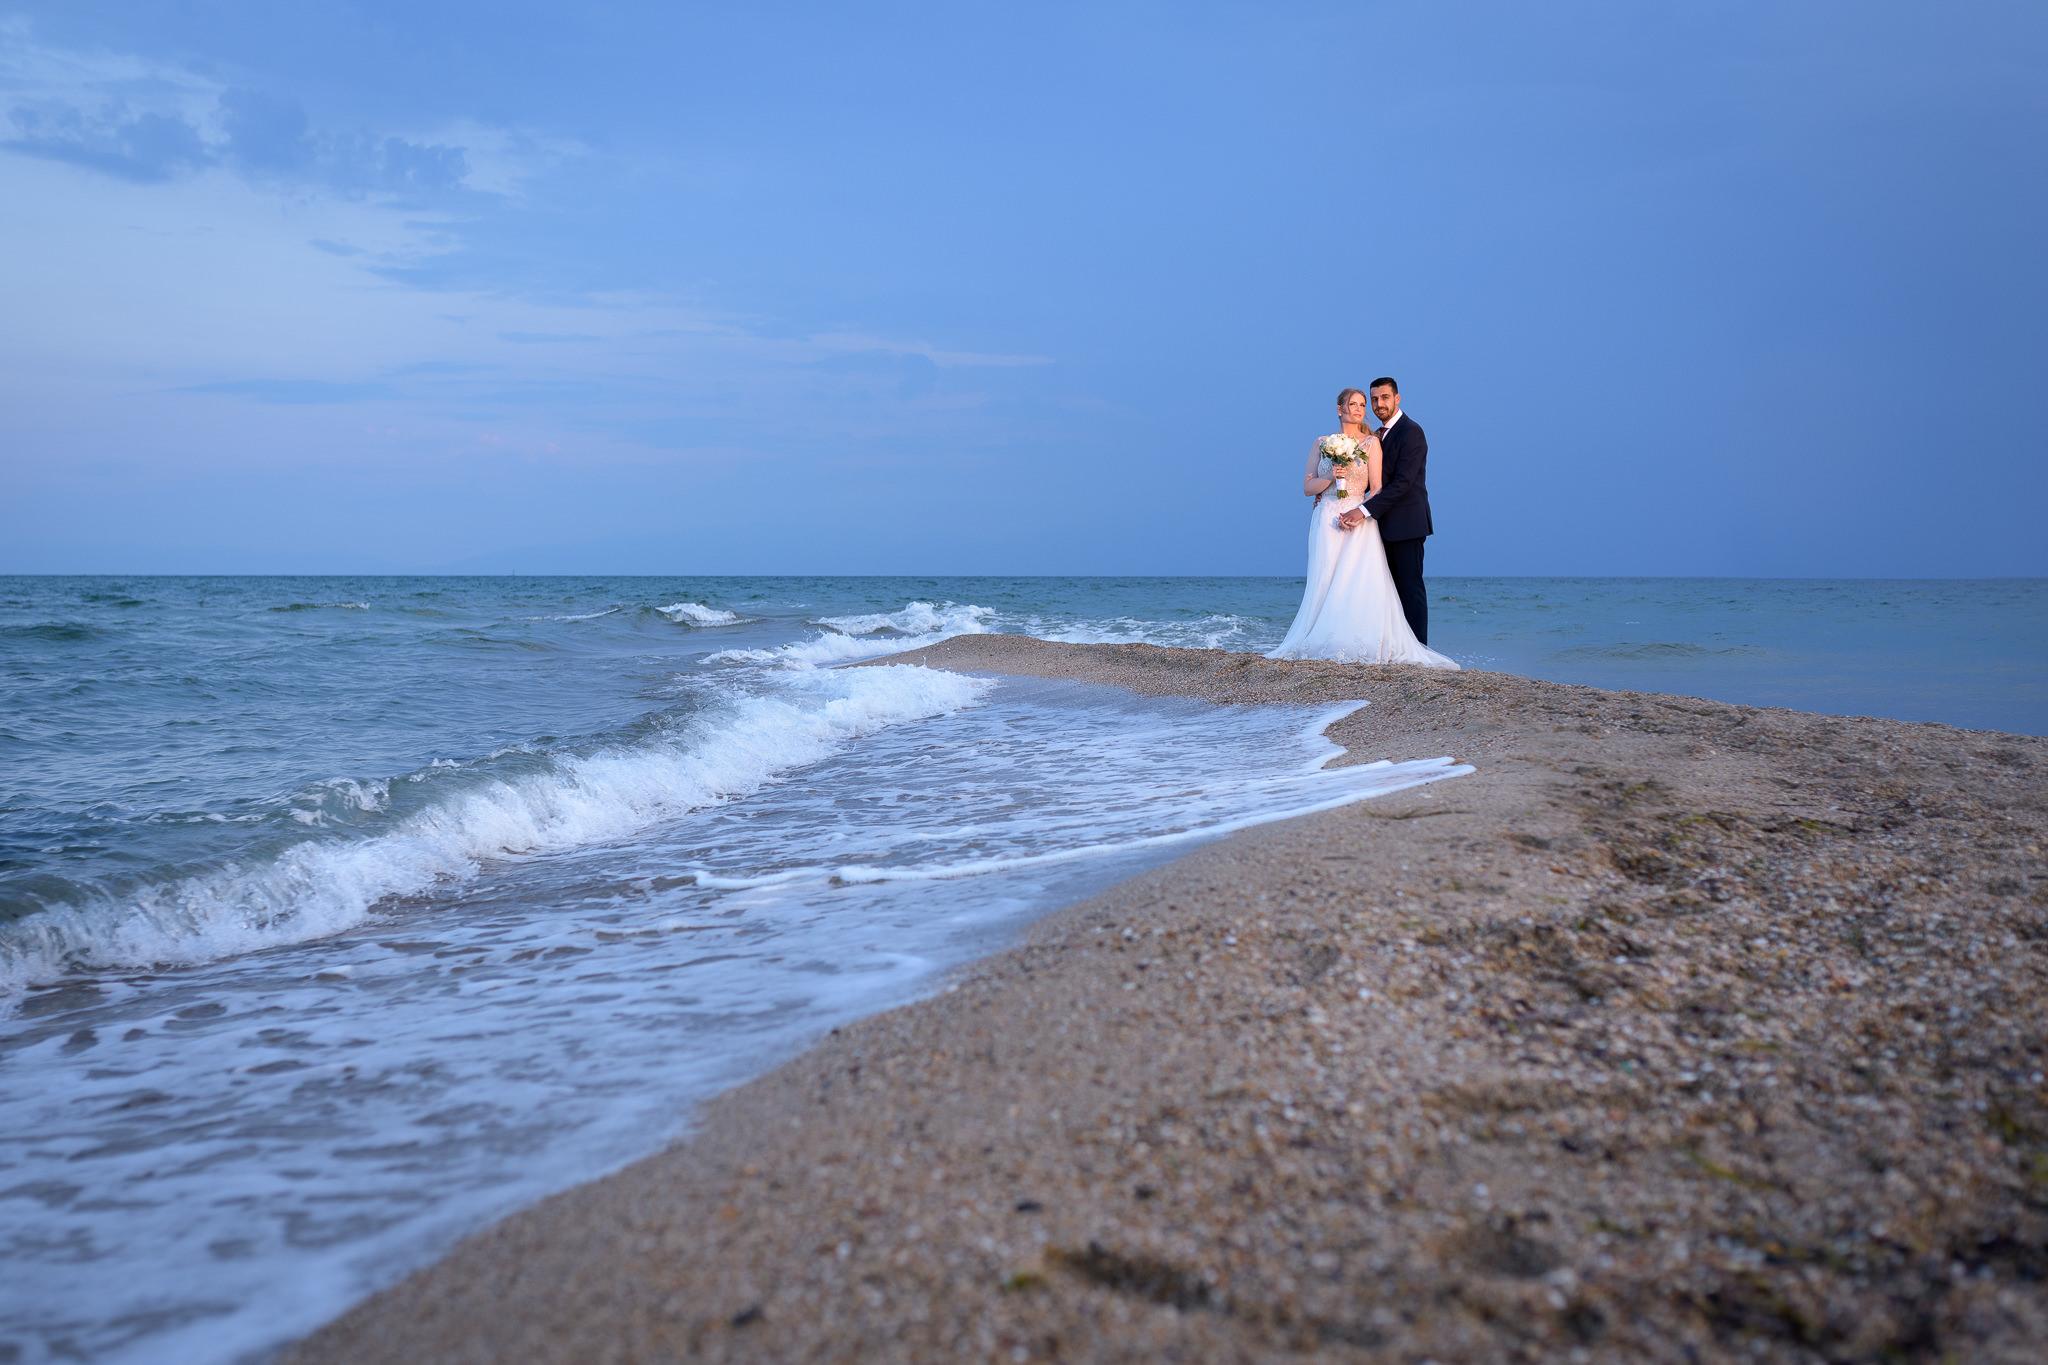 Φωτογράφοι γάμου γιαννιτσά,Charis Avramidis Photography